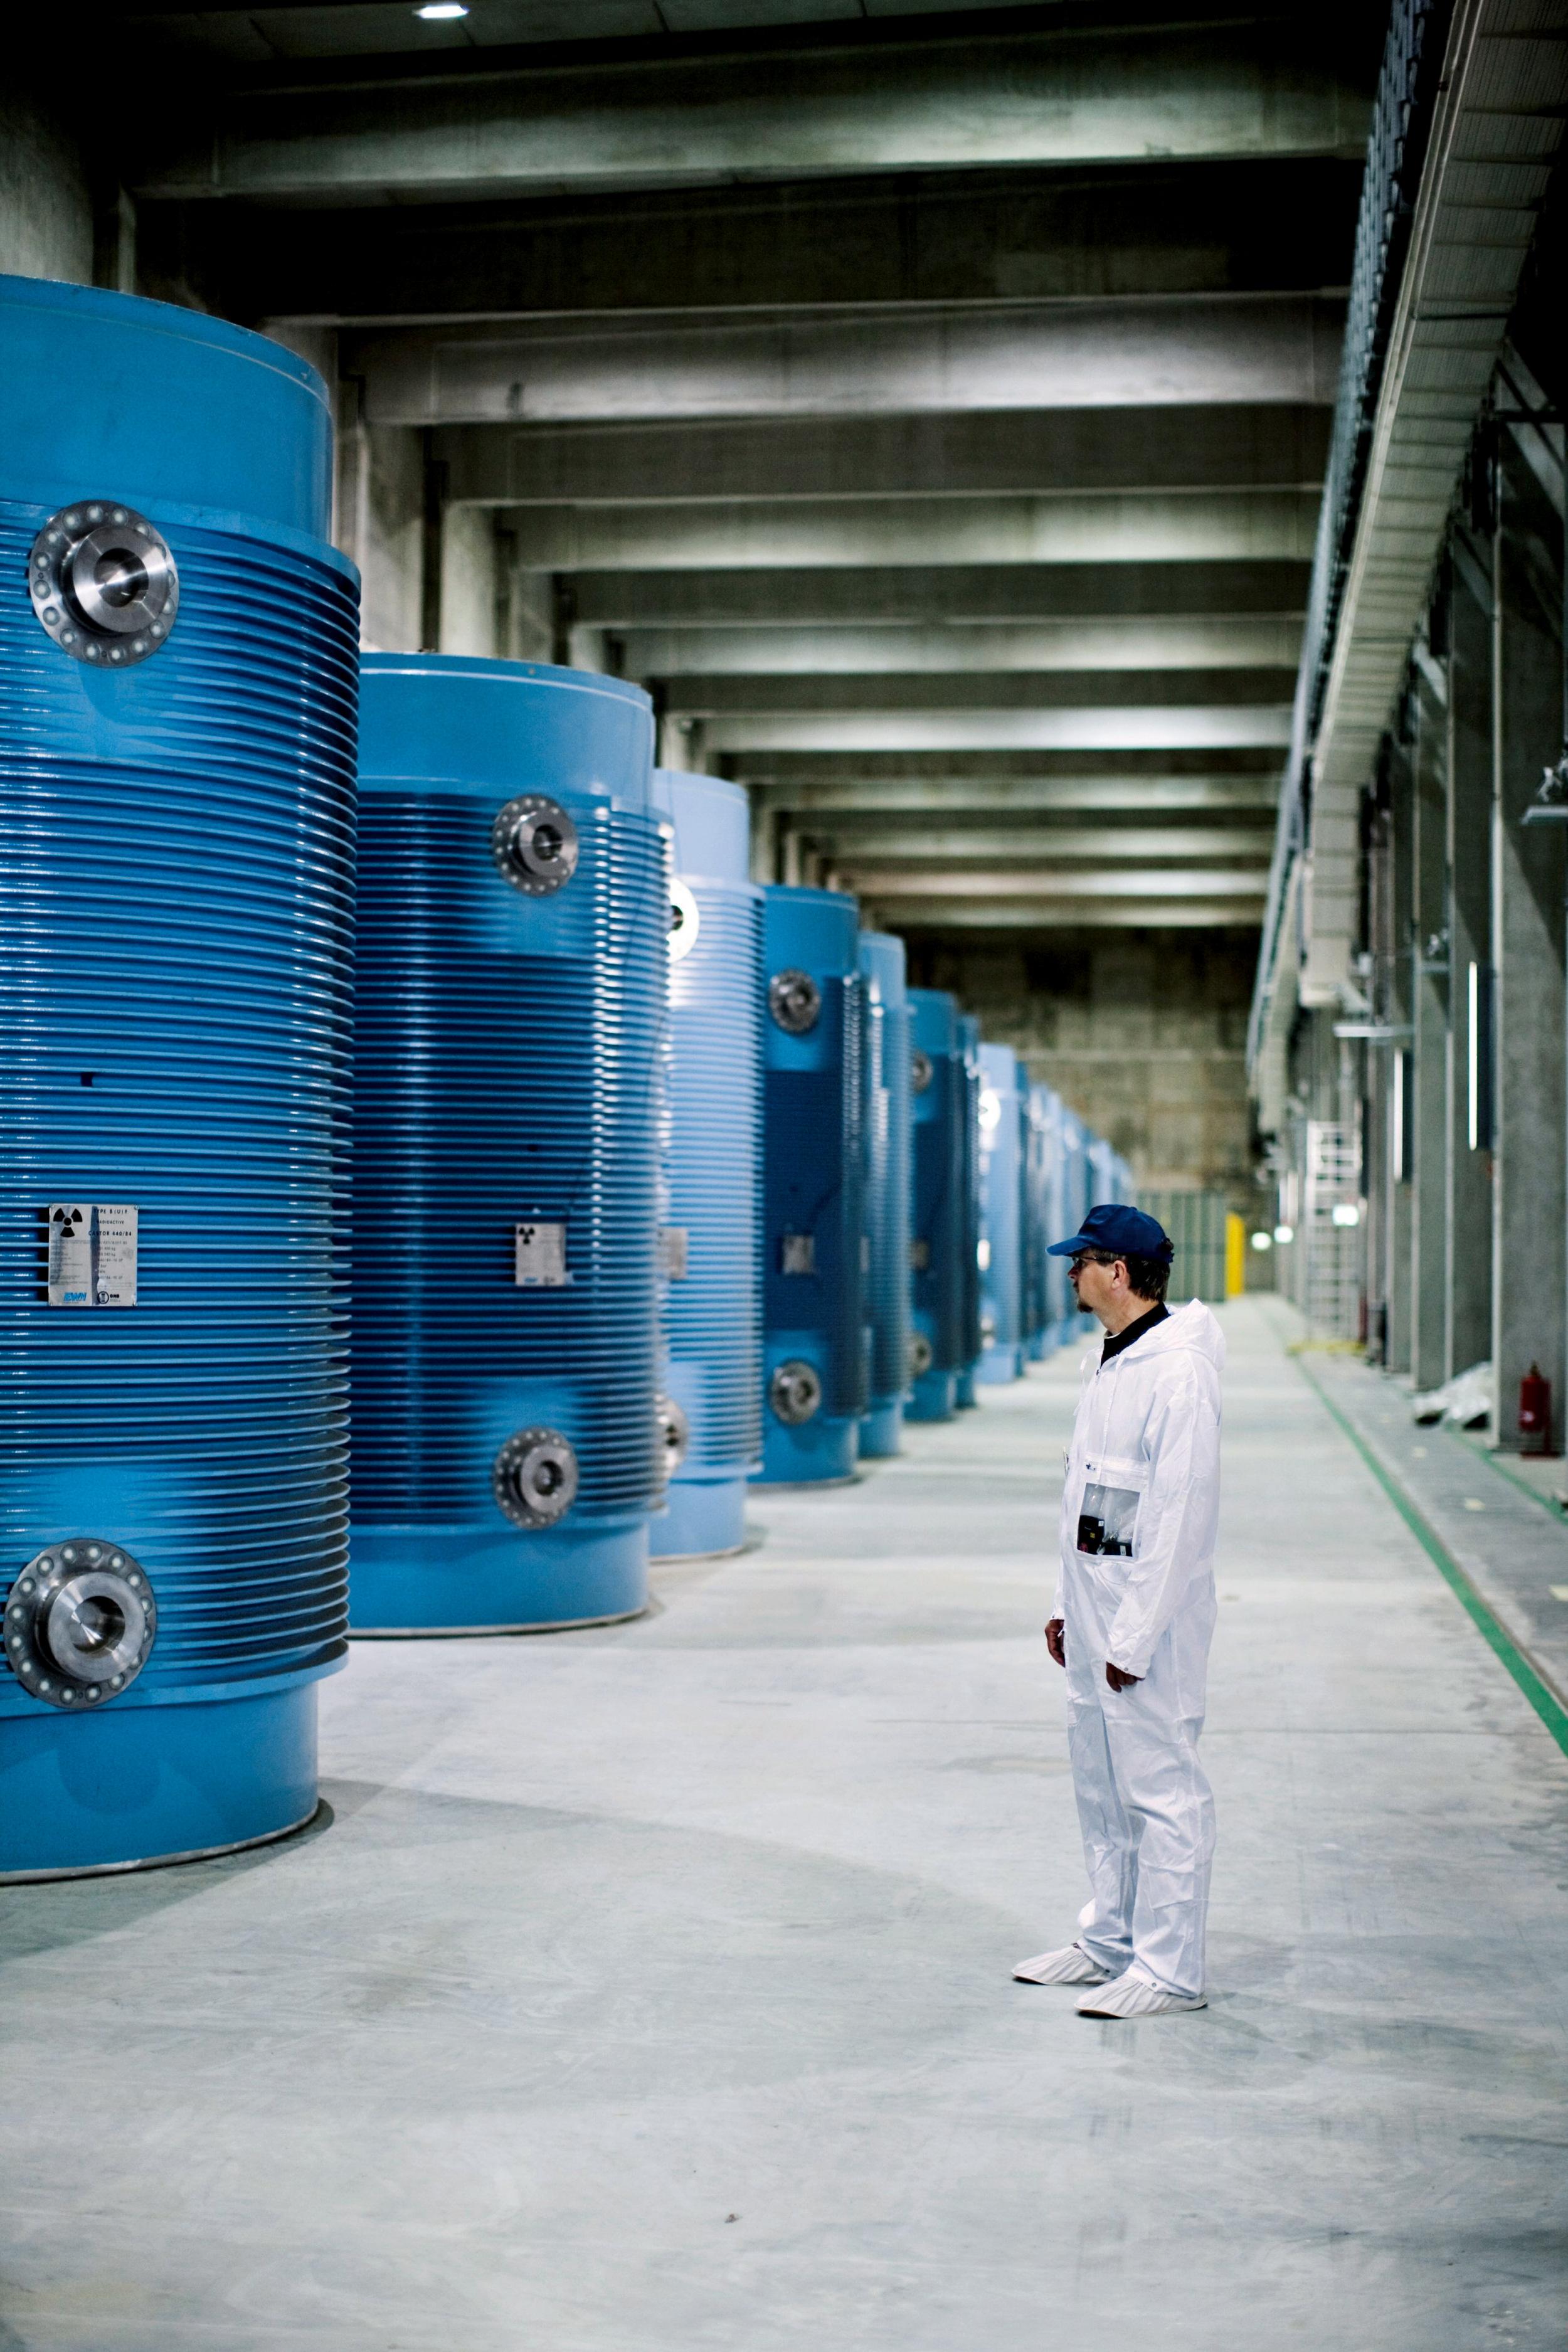 <p>SCHWERES ERBEEin Mitarbeiter des Zwischenlagers Lubmin steht vor leeren Castorbehältern. Mit Atommüll gefüllt wiegen sie 110 Tonnen</p>